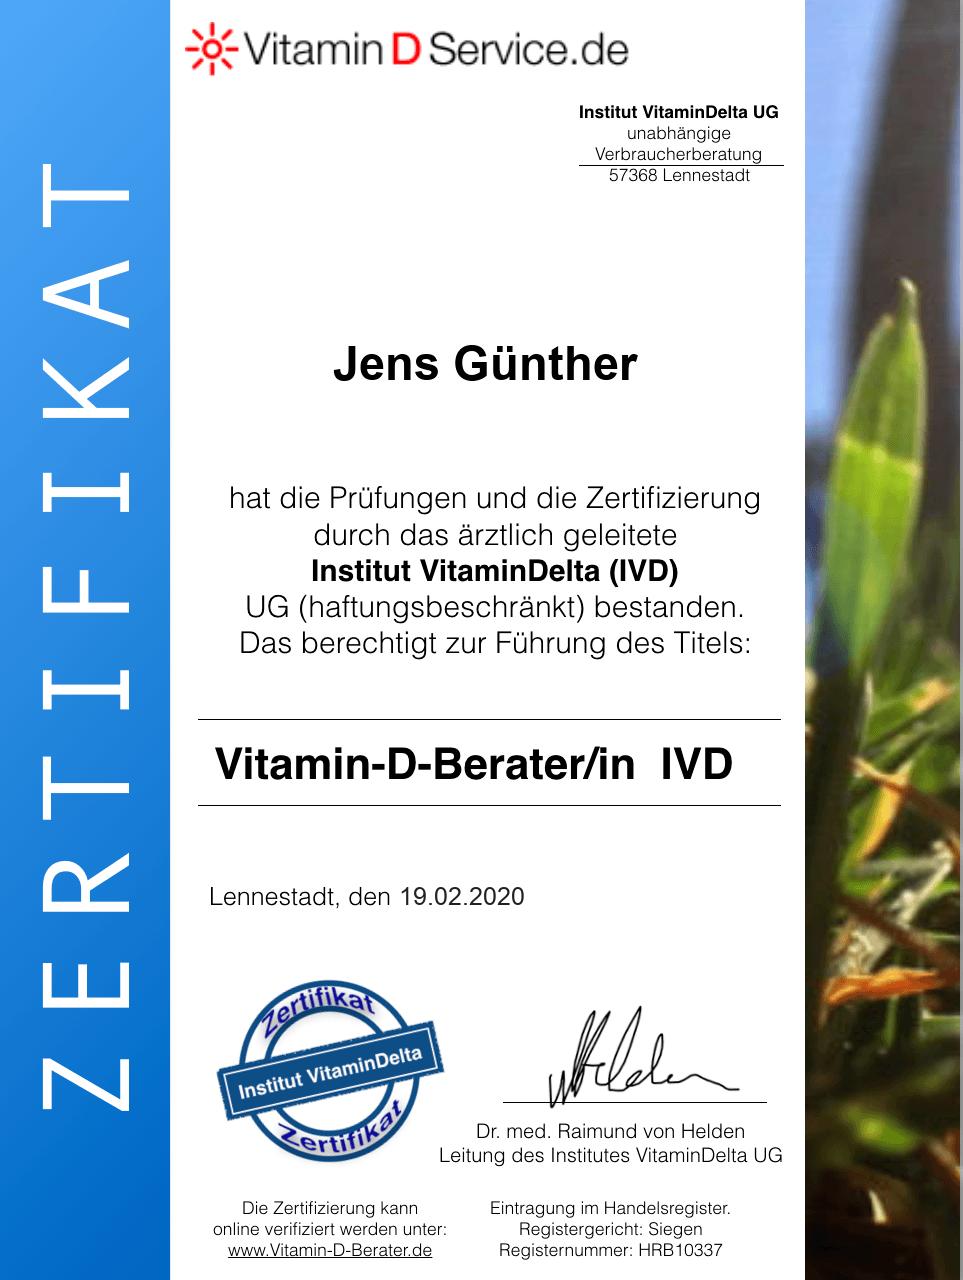 JVG Vitamin-D-Beratung